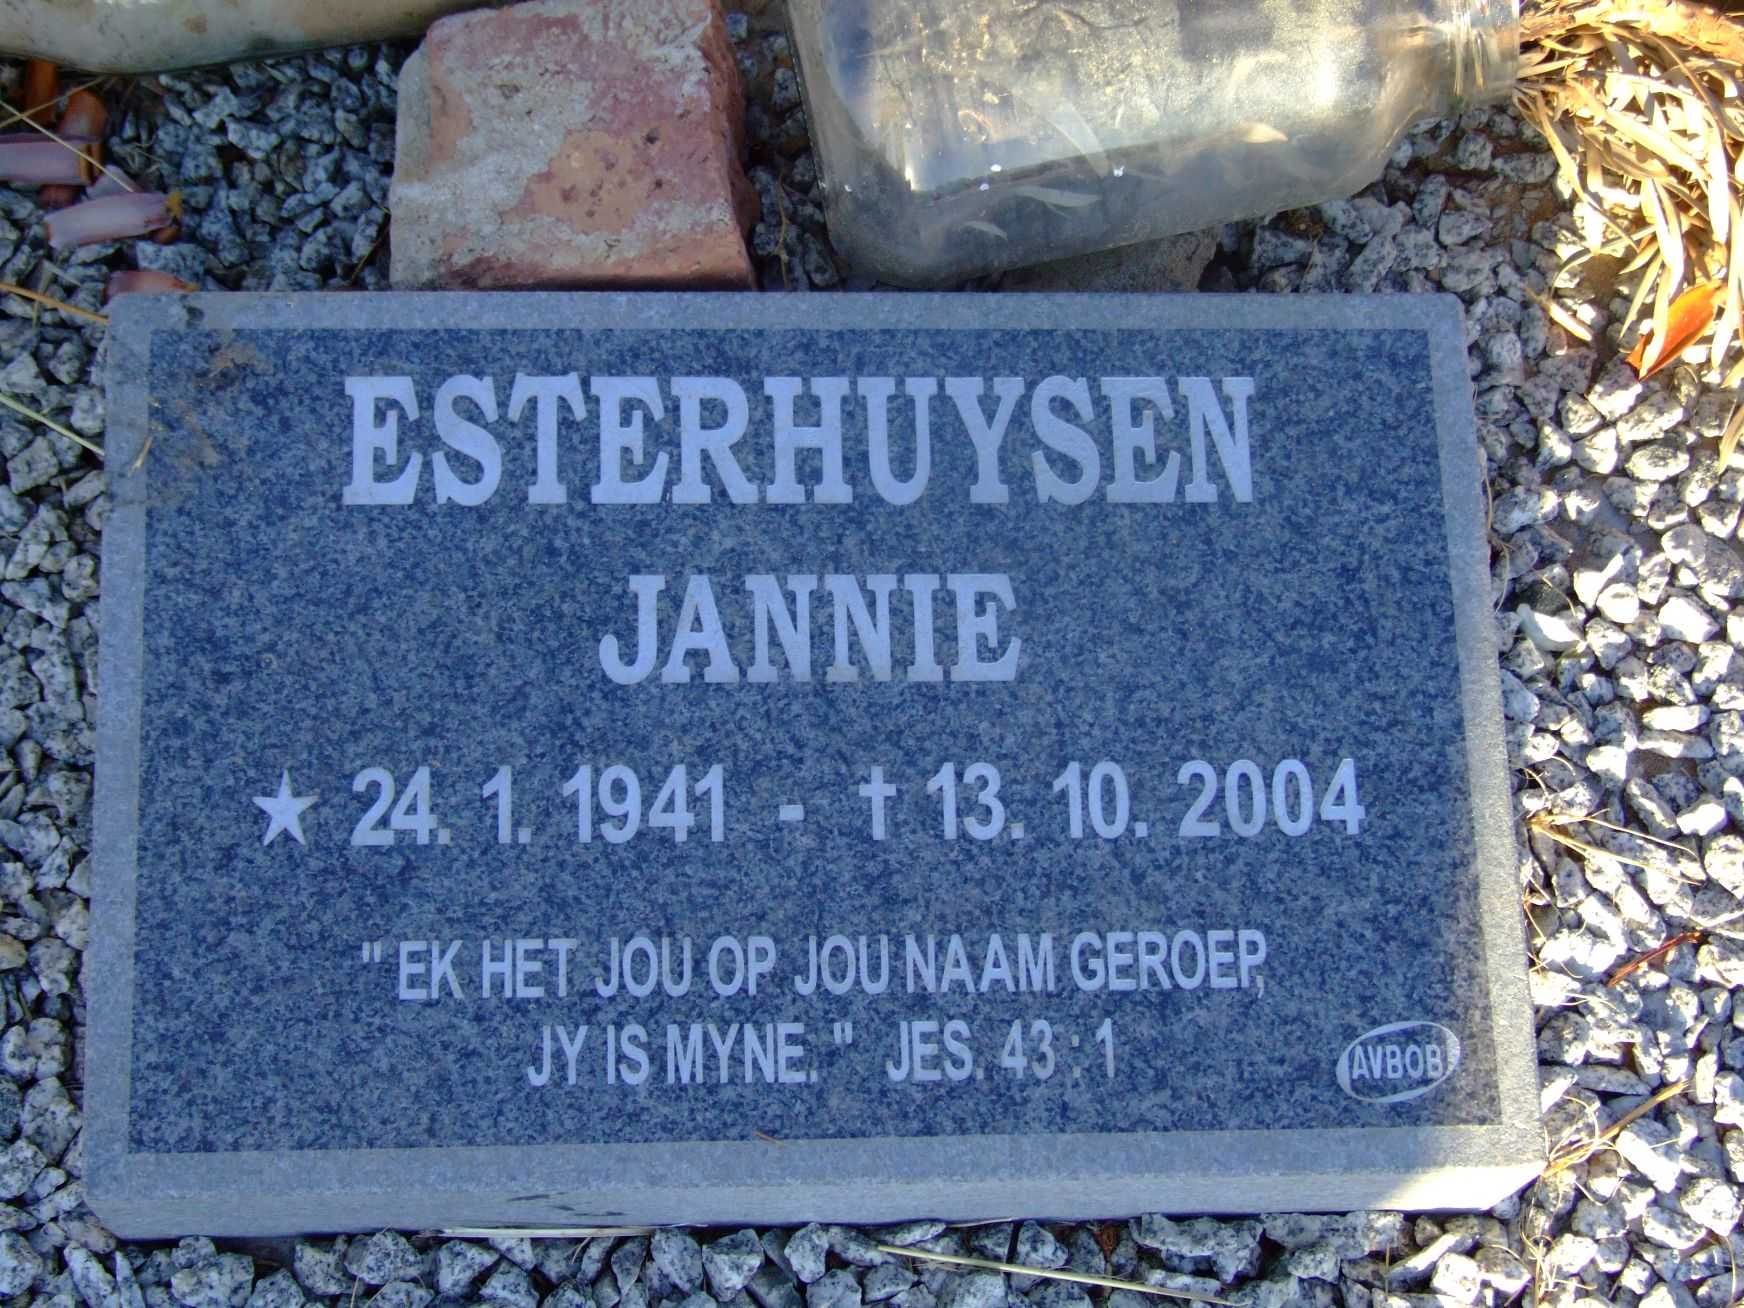 Esterhuysen, Jannie